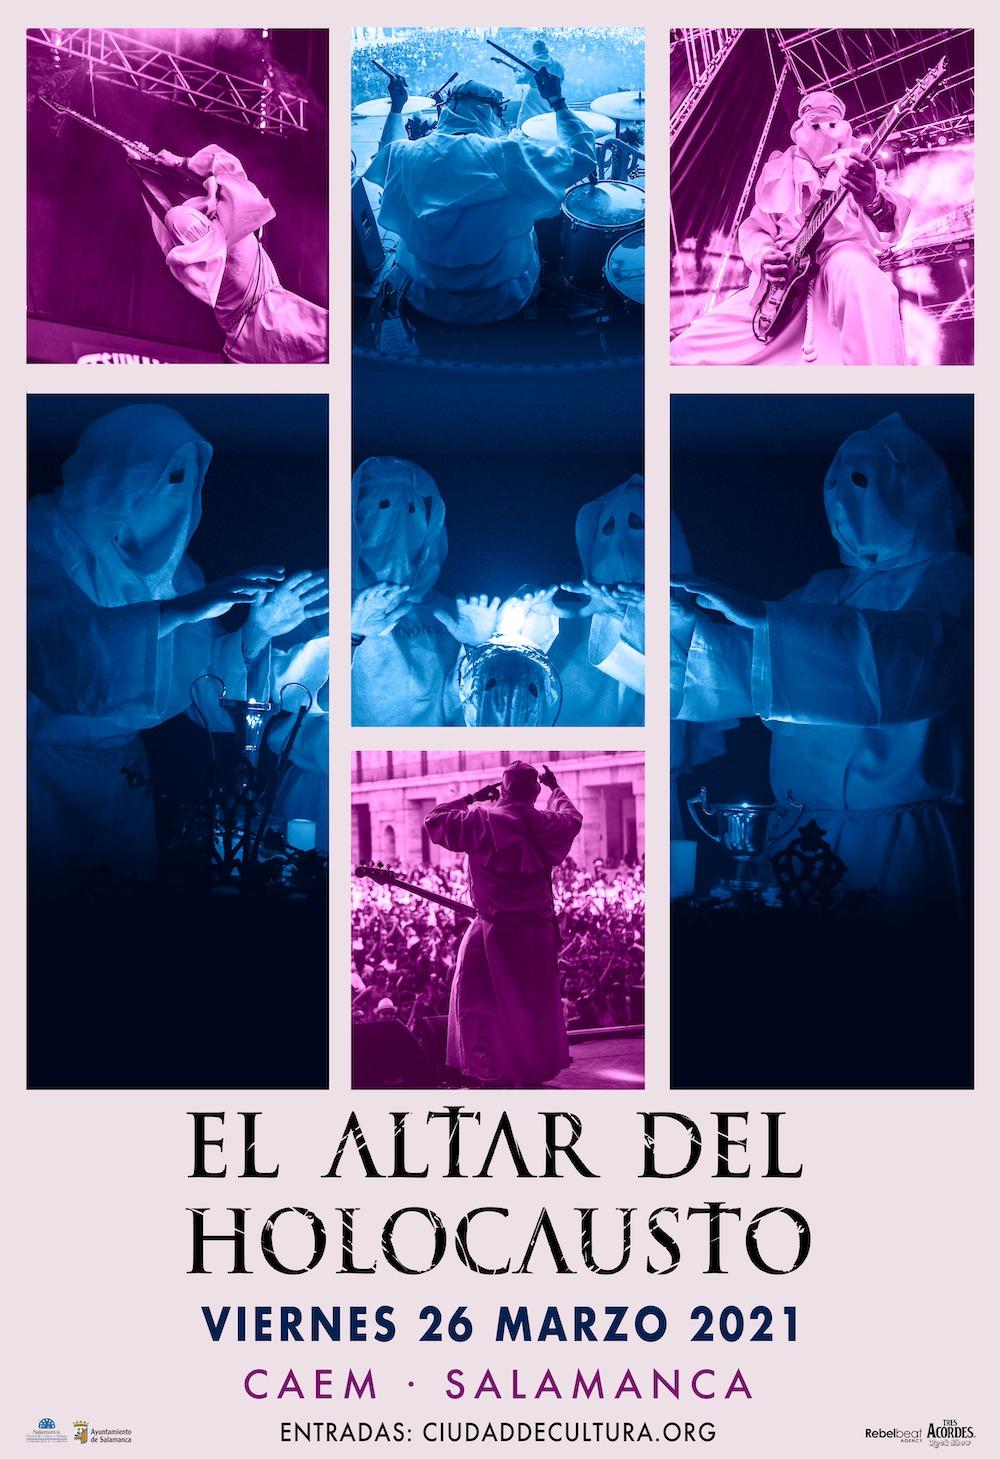 El Altar Del Holocausto: ¡¡¡✞ T R I N I DAD - Nuevo album el 19 de marzo ✞ !!!!! - Página 15 Cartel11